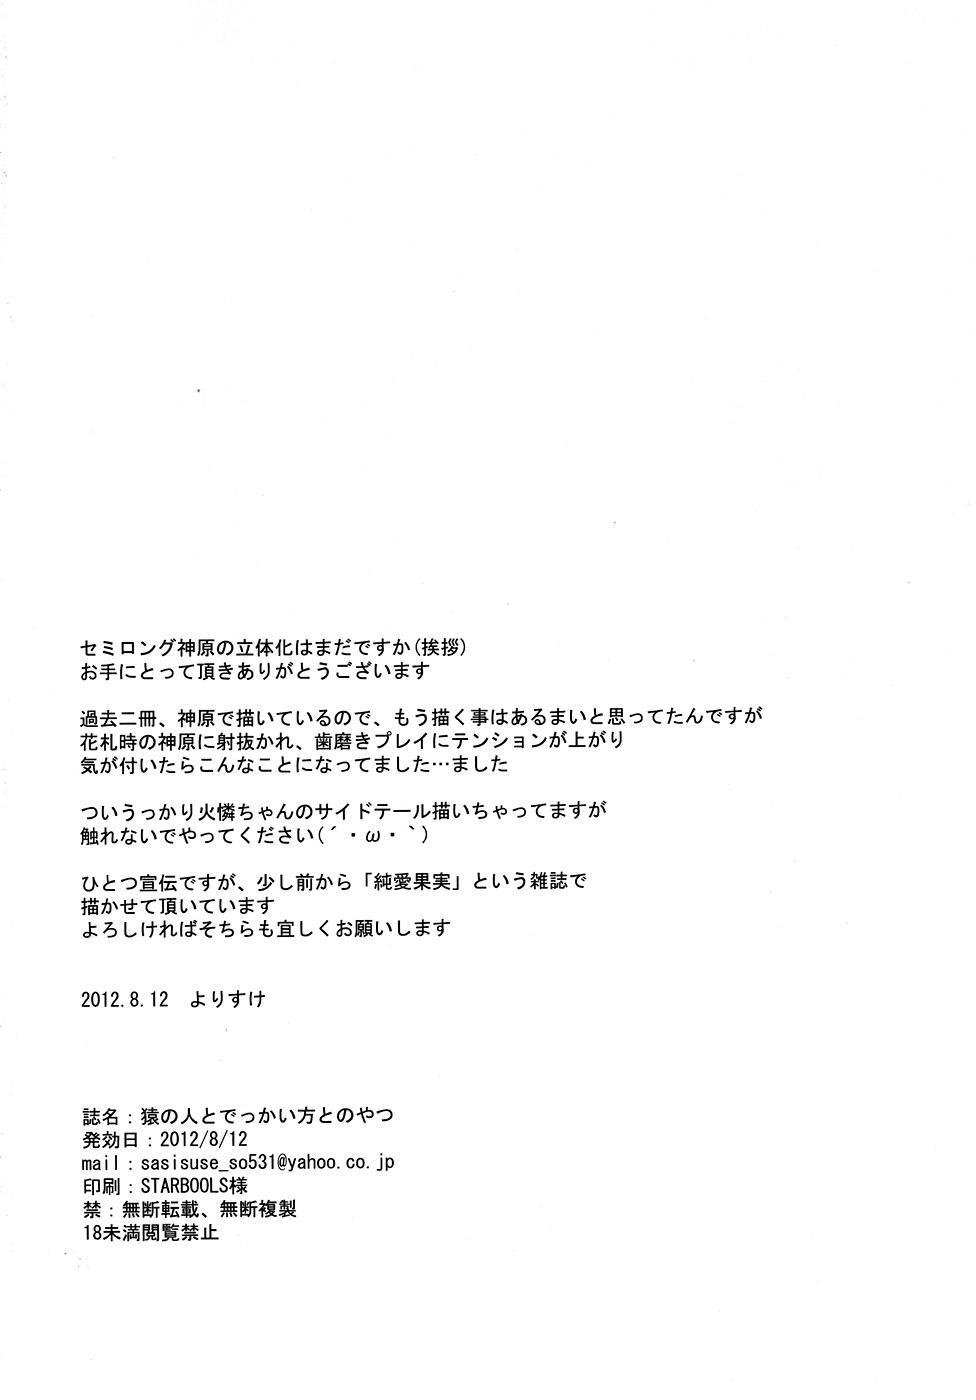 Saru no Hito to Dekkai hou tono Yatsu 20